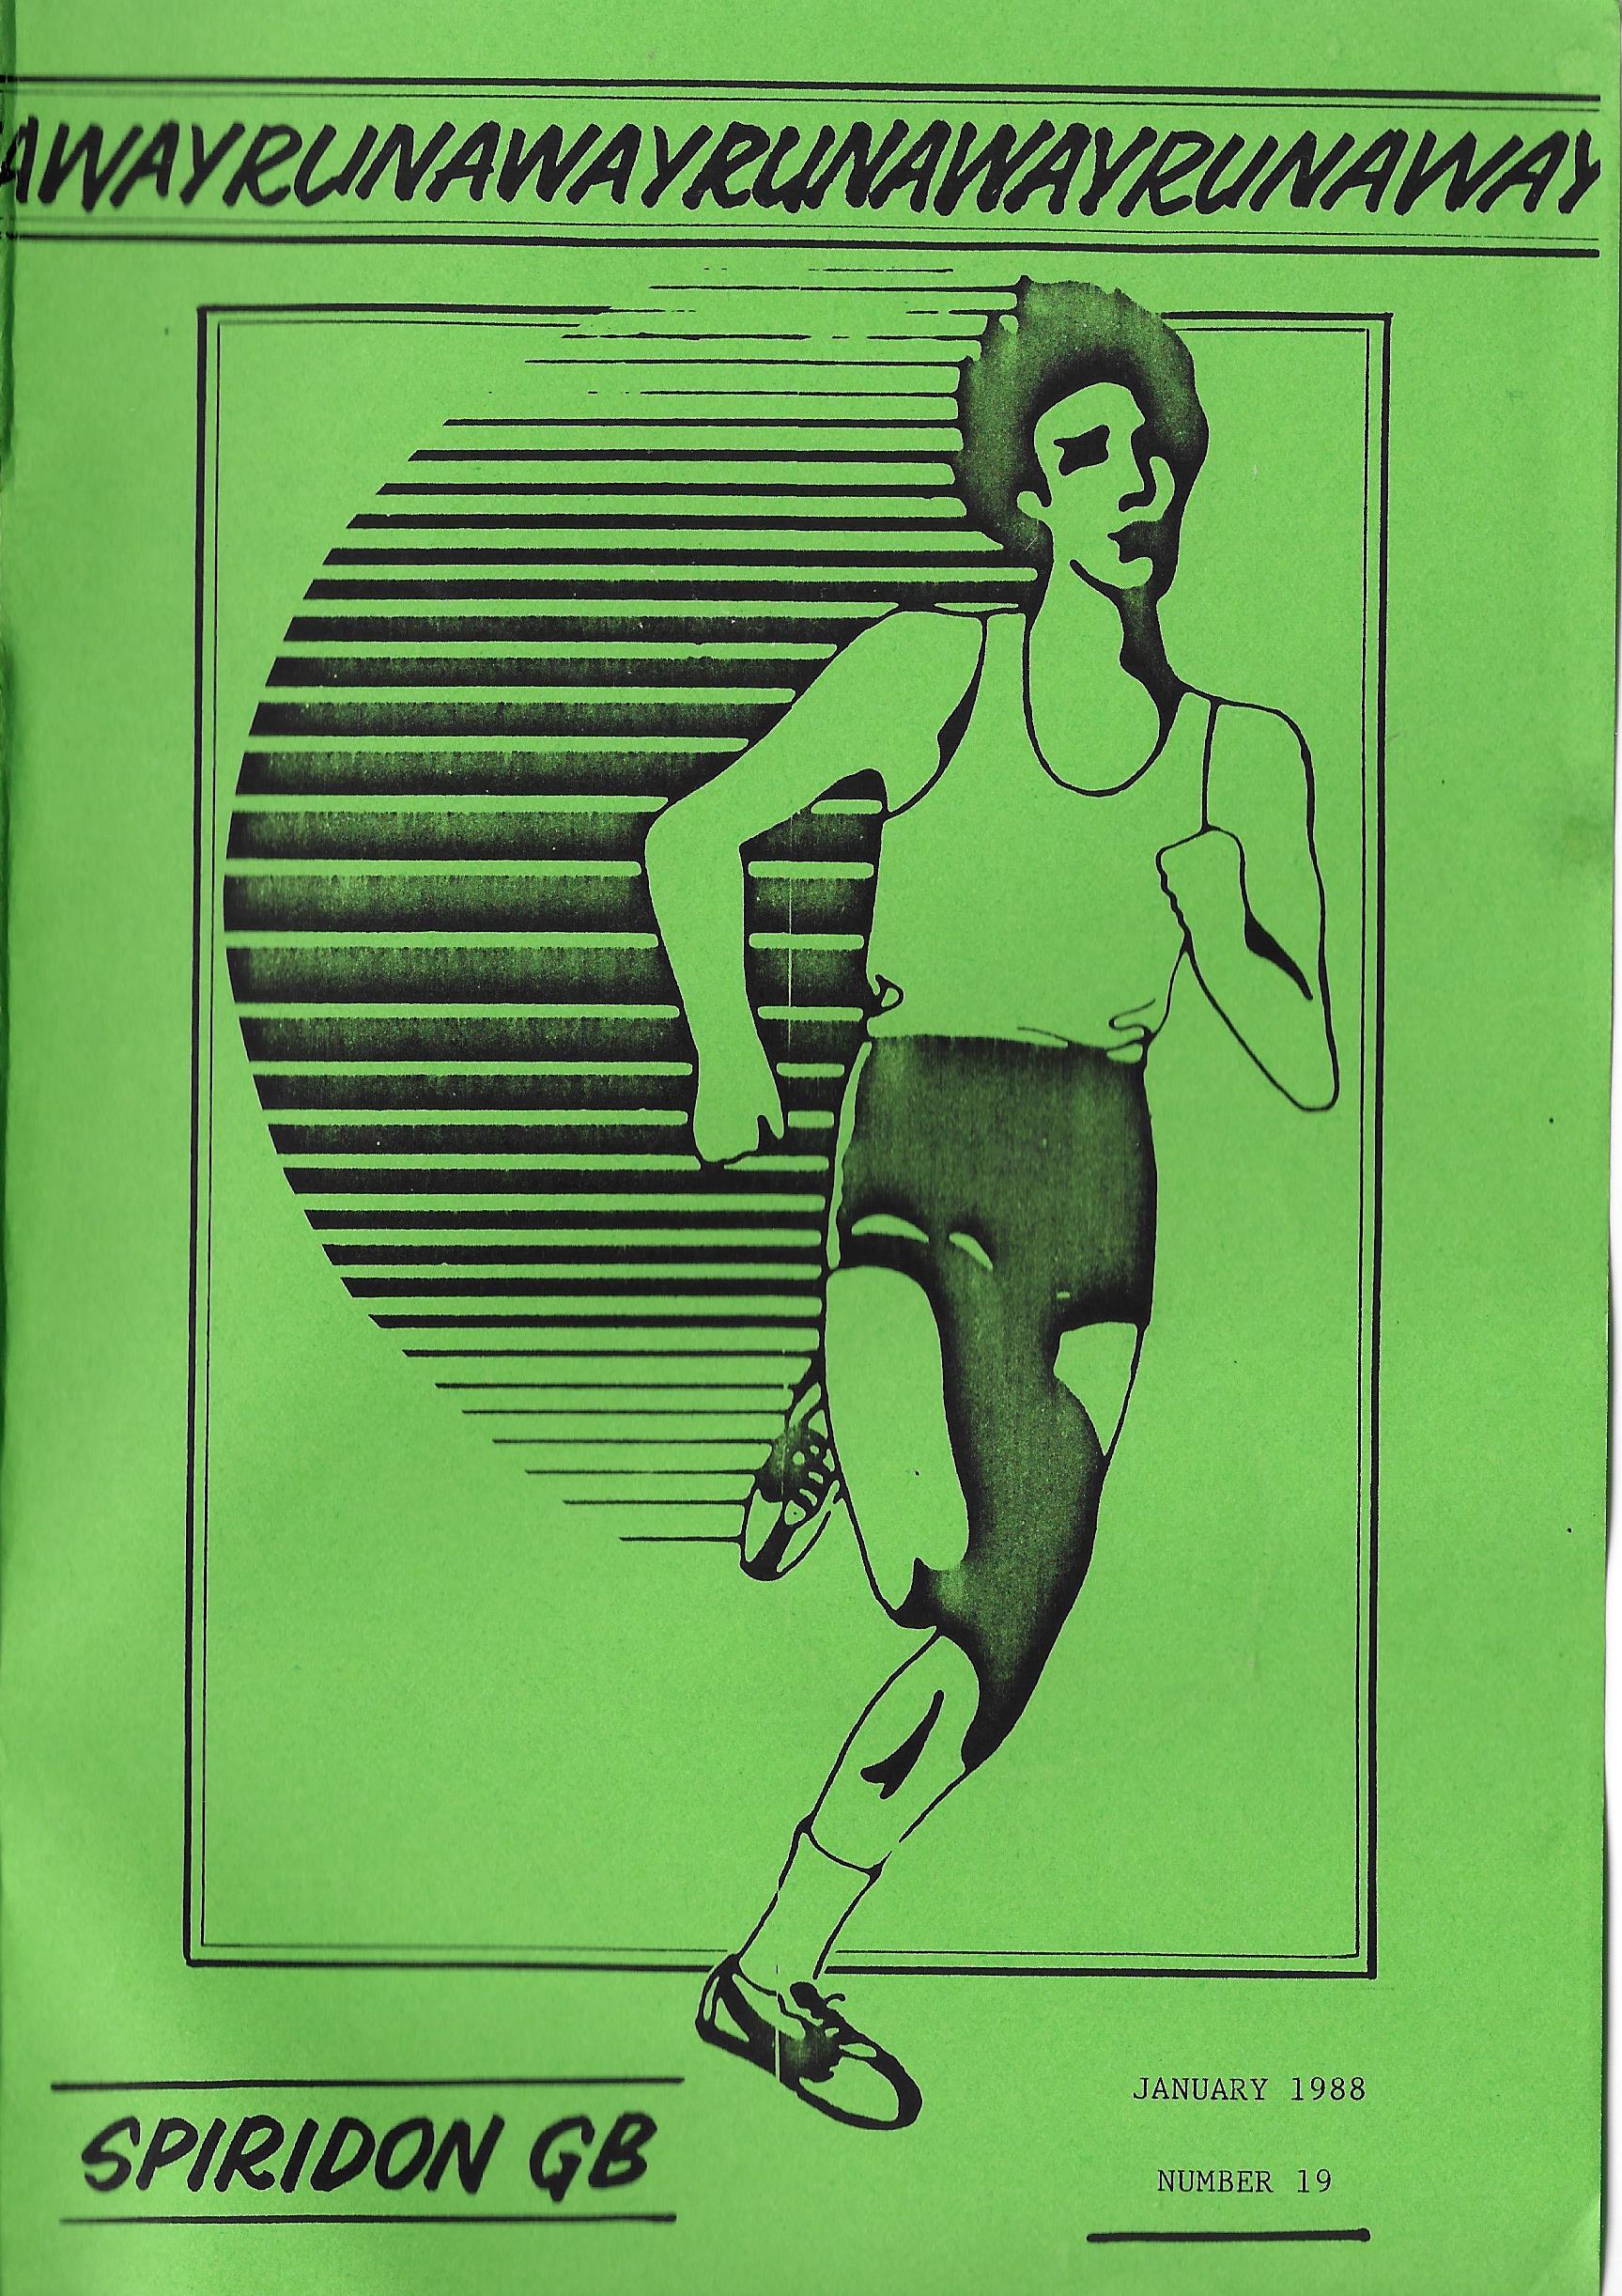 Runaway 88 1